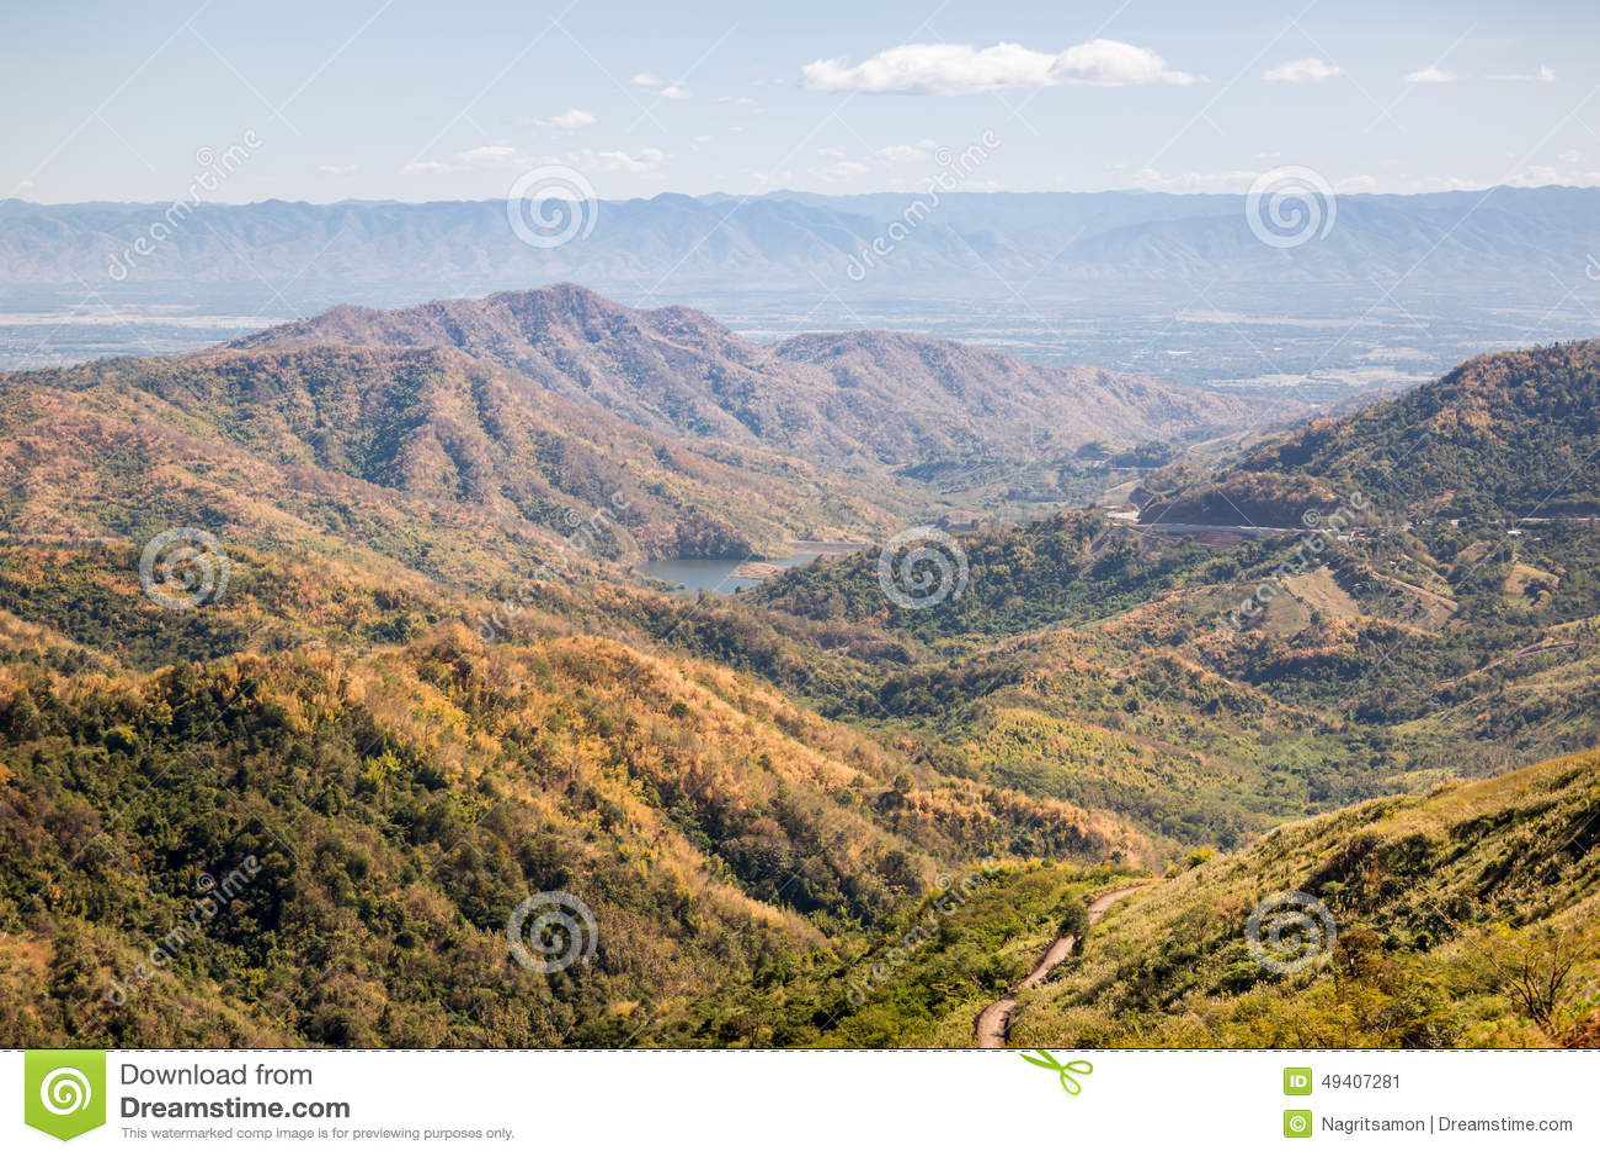 Download Der Berg Im Herbst Mit Buntem Wald Stockbild - Bild von blatt, hintergrund: 49407281